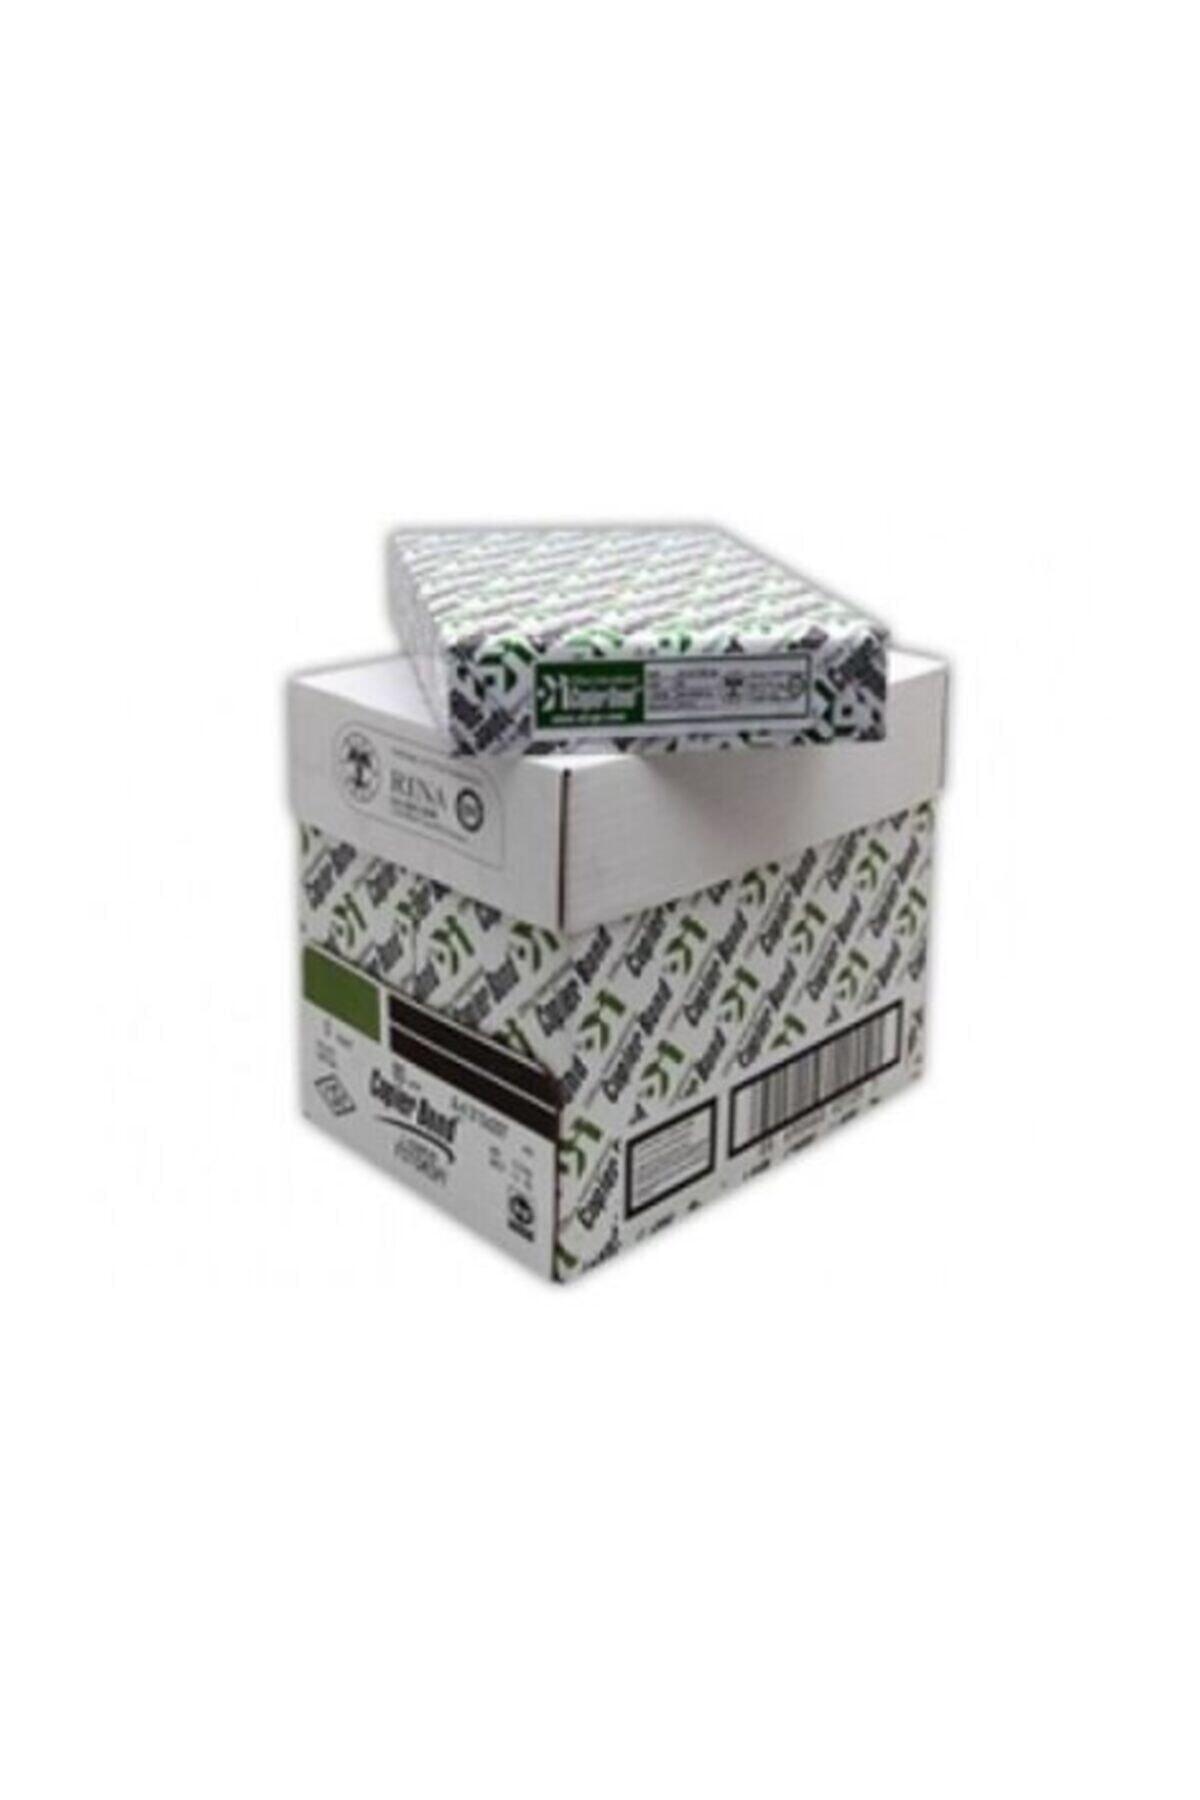 Copierbond Copier Bond A4 80gr Fotokopi Kağıdı 5x500=2500 Adet (1 Koli) 1